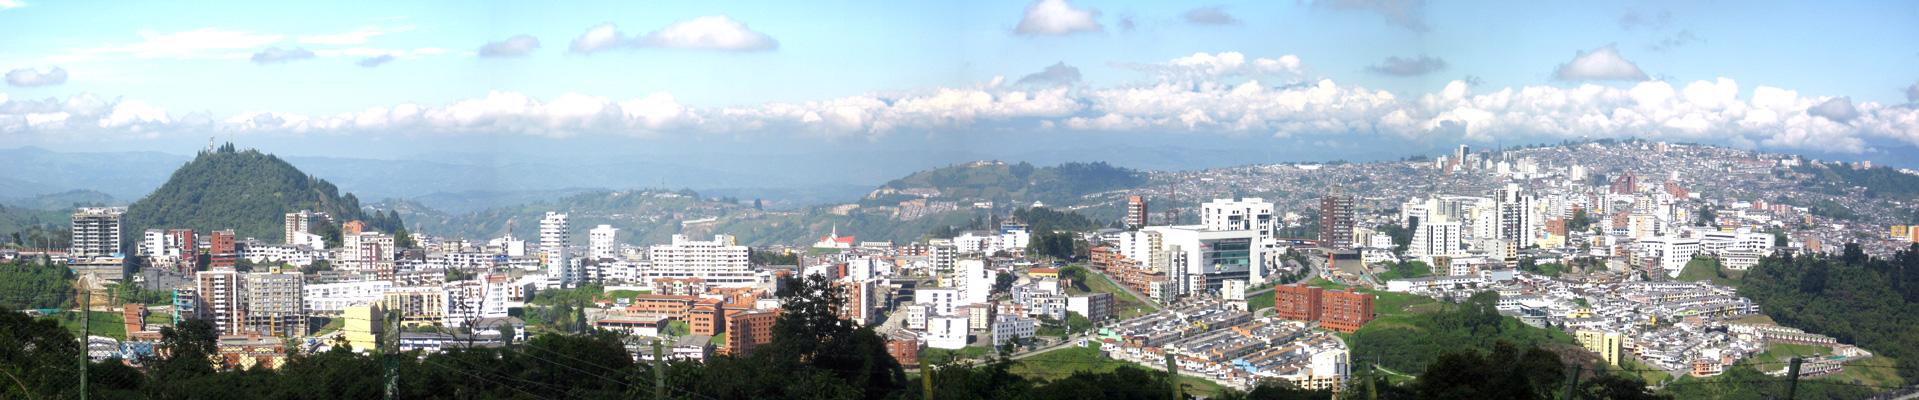 Manizales-panoramica-p